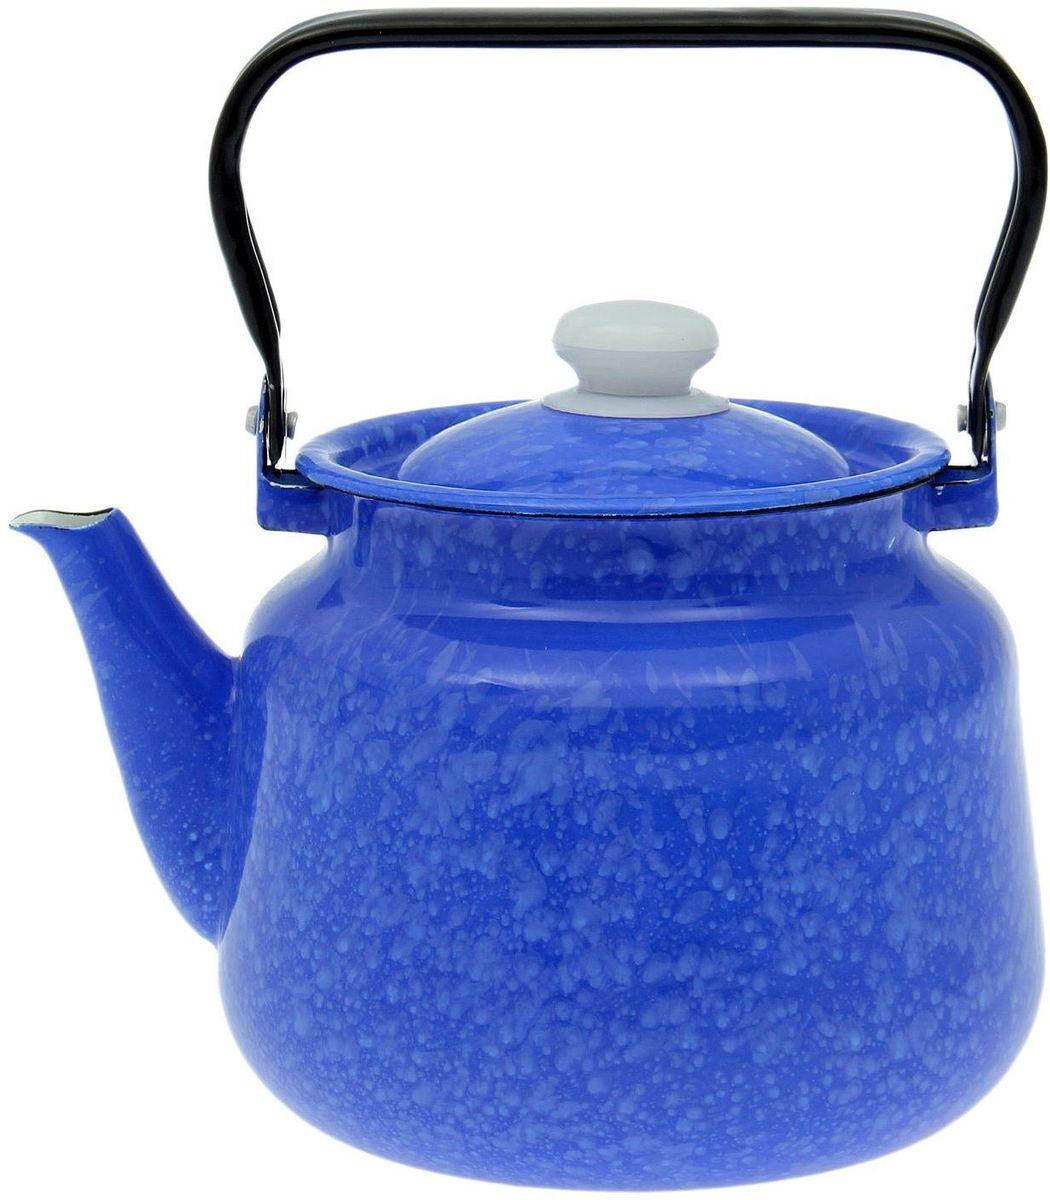 """Чайник Epos """"Снежок"""" выполнен из высококачественной стали с эмалированным покрытием. Поверхность чайника гладкая, что облегчает уход за ним. Большой объем позволит приготовить напиток для всей семьи или небольшой компании.  Эстетичный и функциональный чайник будет оригинально смотреться в любом интерьере. Душевная атмосфера и со вкусом накрытый стол всегда будут собирать в вашем доме близких и  друзей.   Чайник подходит для использования на всех типах плит.  Объем: 3,5 л."""